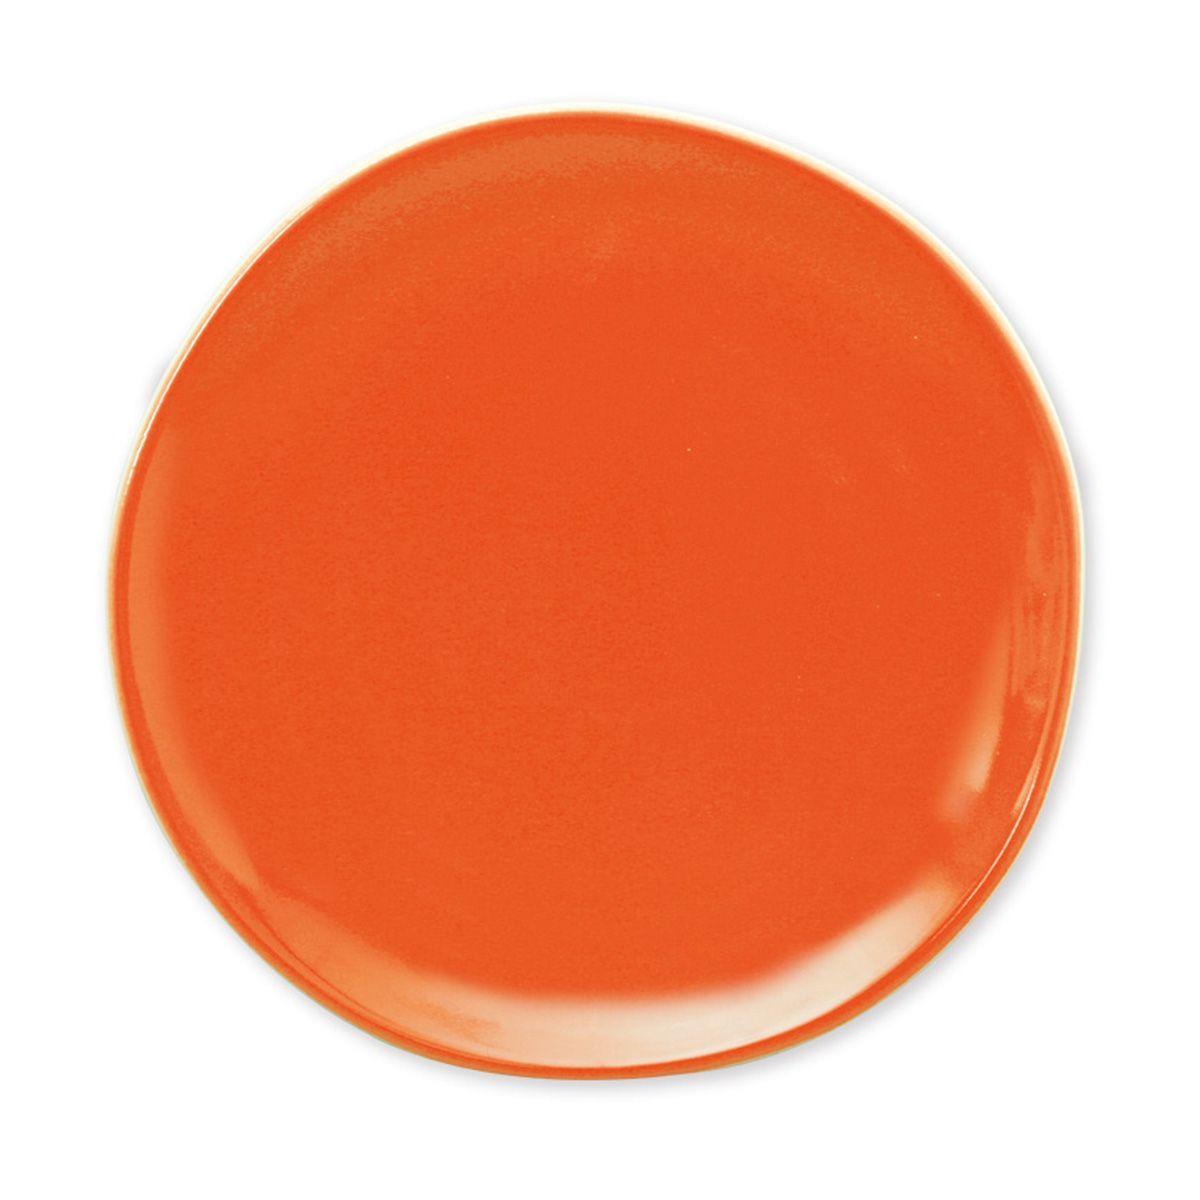 assiette dessert ronde fa ence terana orange bruno evrard cr ation. Black Bedroom Furniture Sets. Home Design Ideas